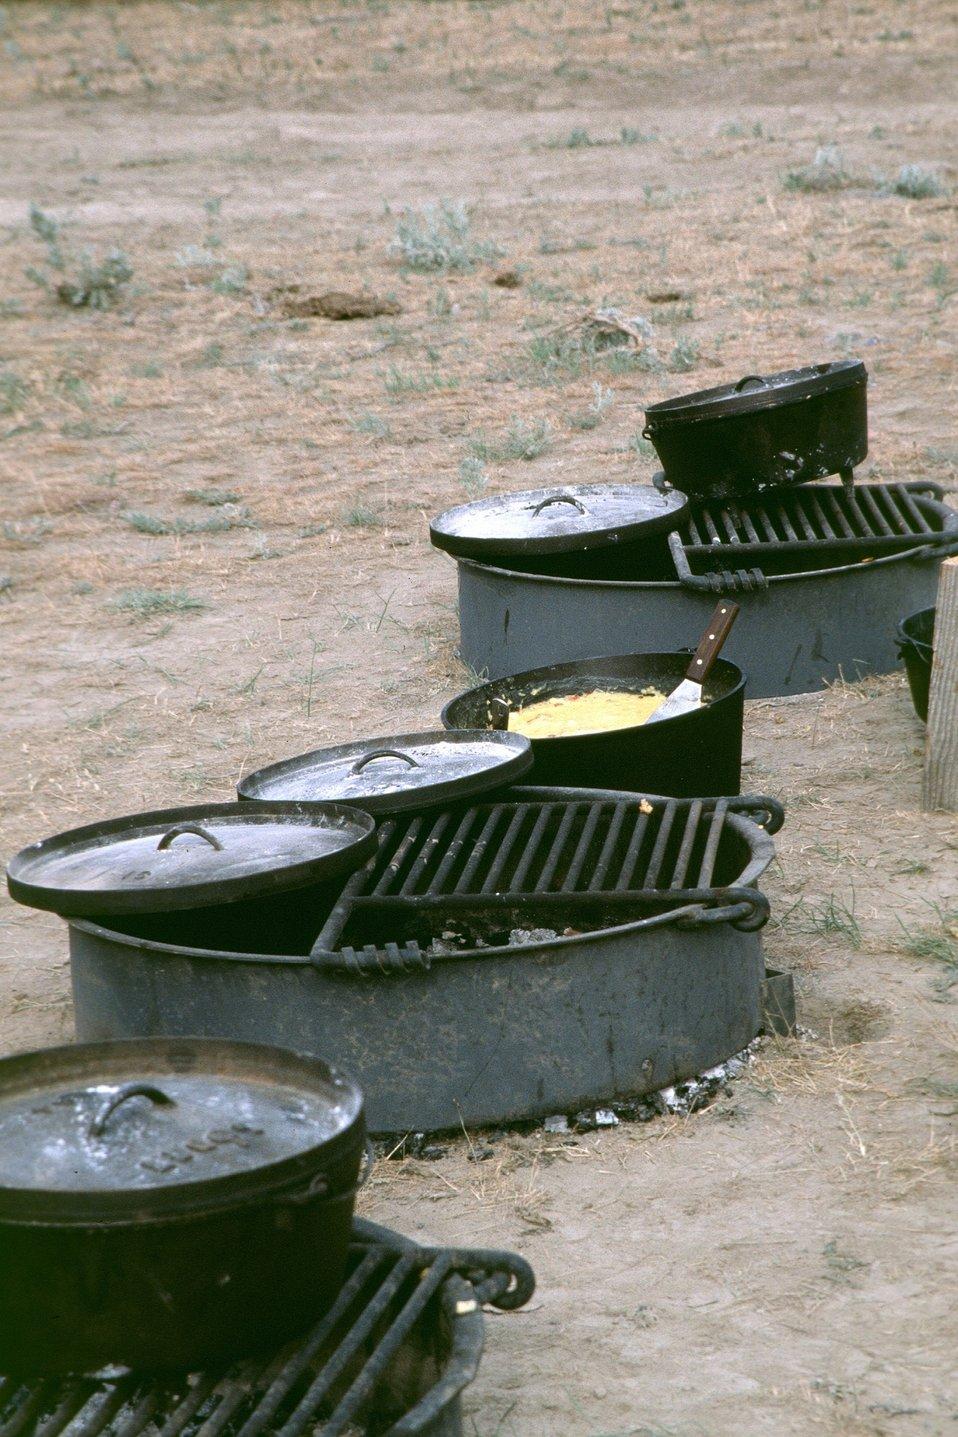 NHOTIC 10th Anniversary, wagon train reenactment. Pots, pans, and campfire at encampment.